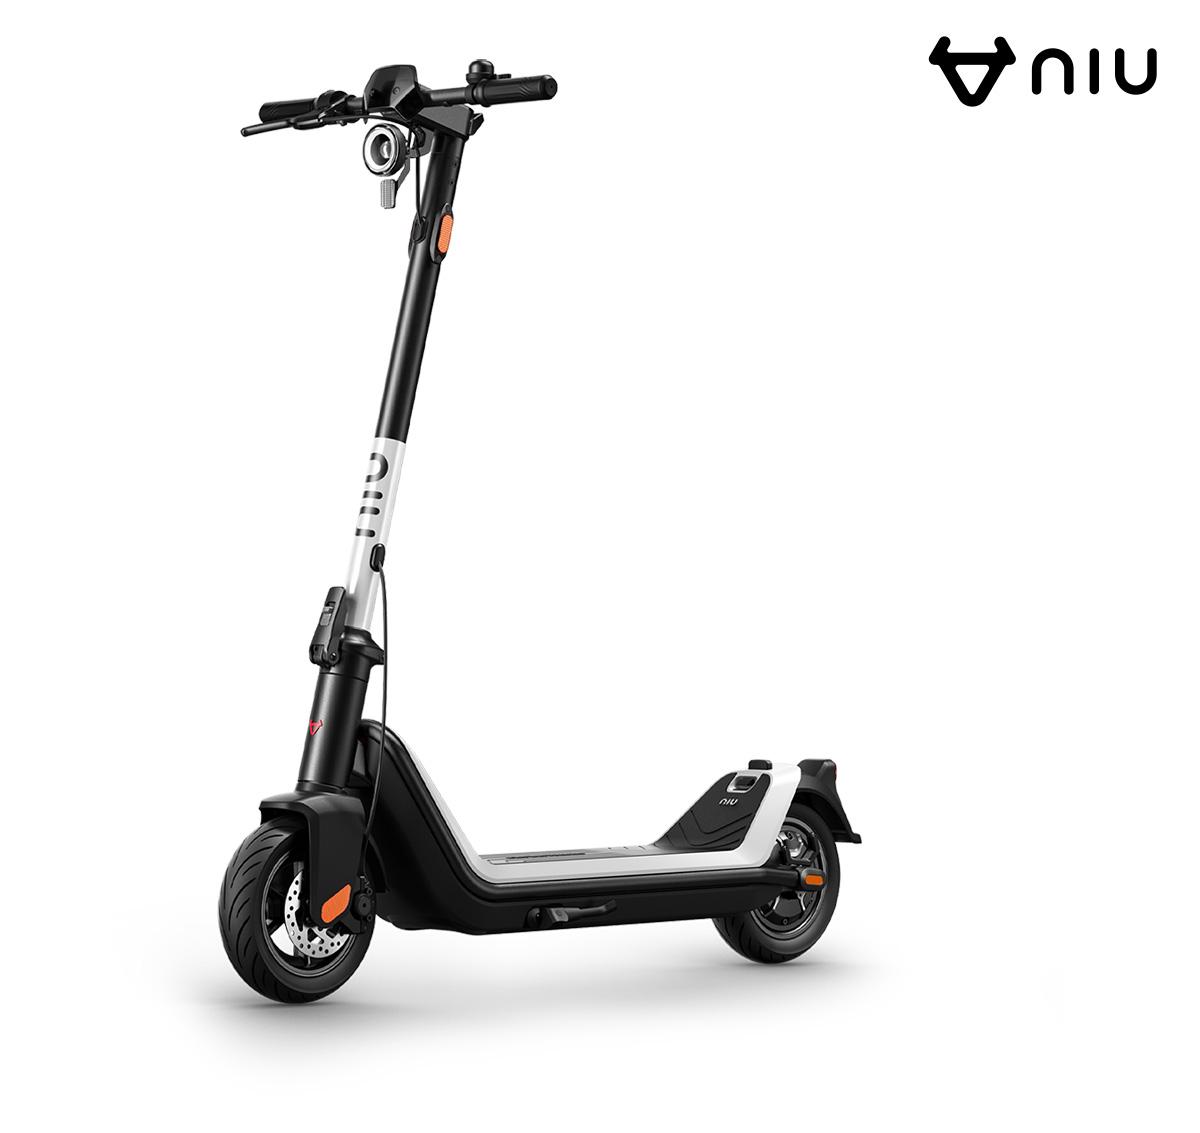 Il nuovo monopattino elettrico Niu KQi3 Kick Scooter 2021 visto di trequarti